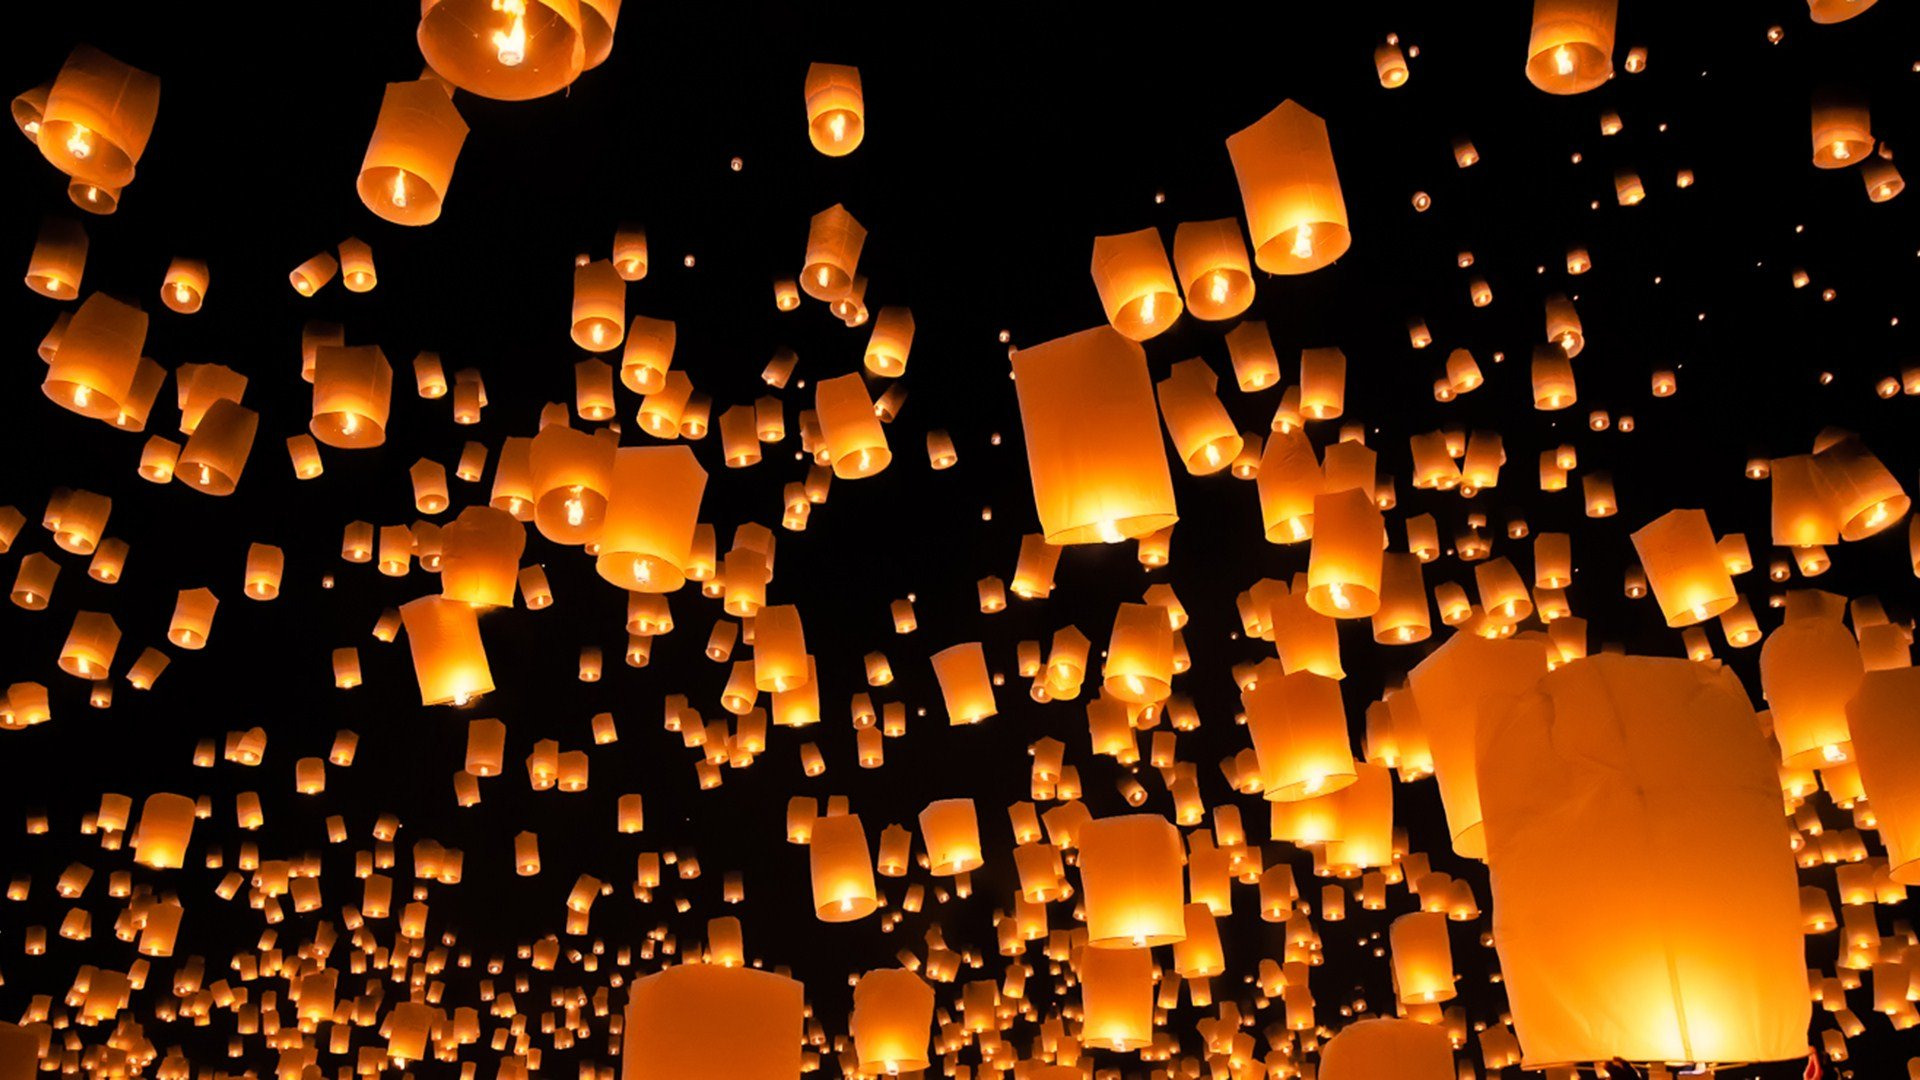 Night Light Ballon Photography Hd Wallpaper Wallpaper